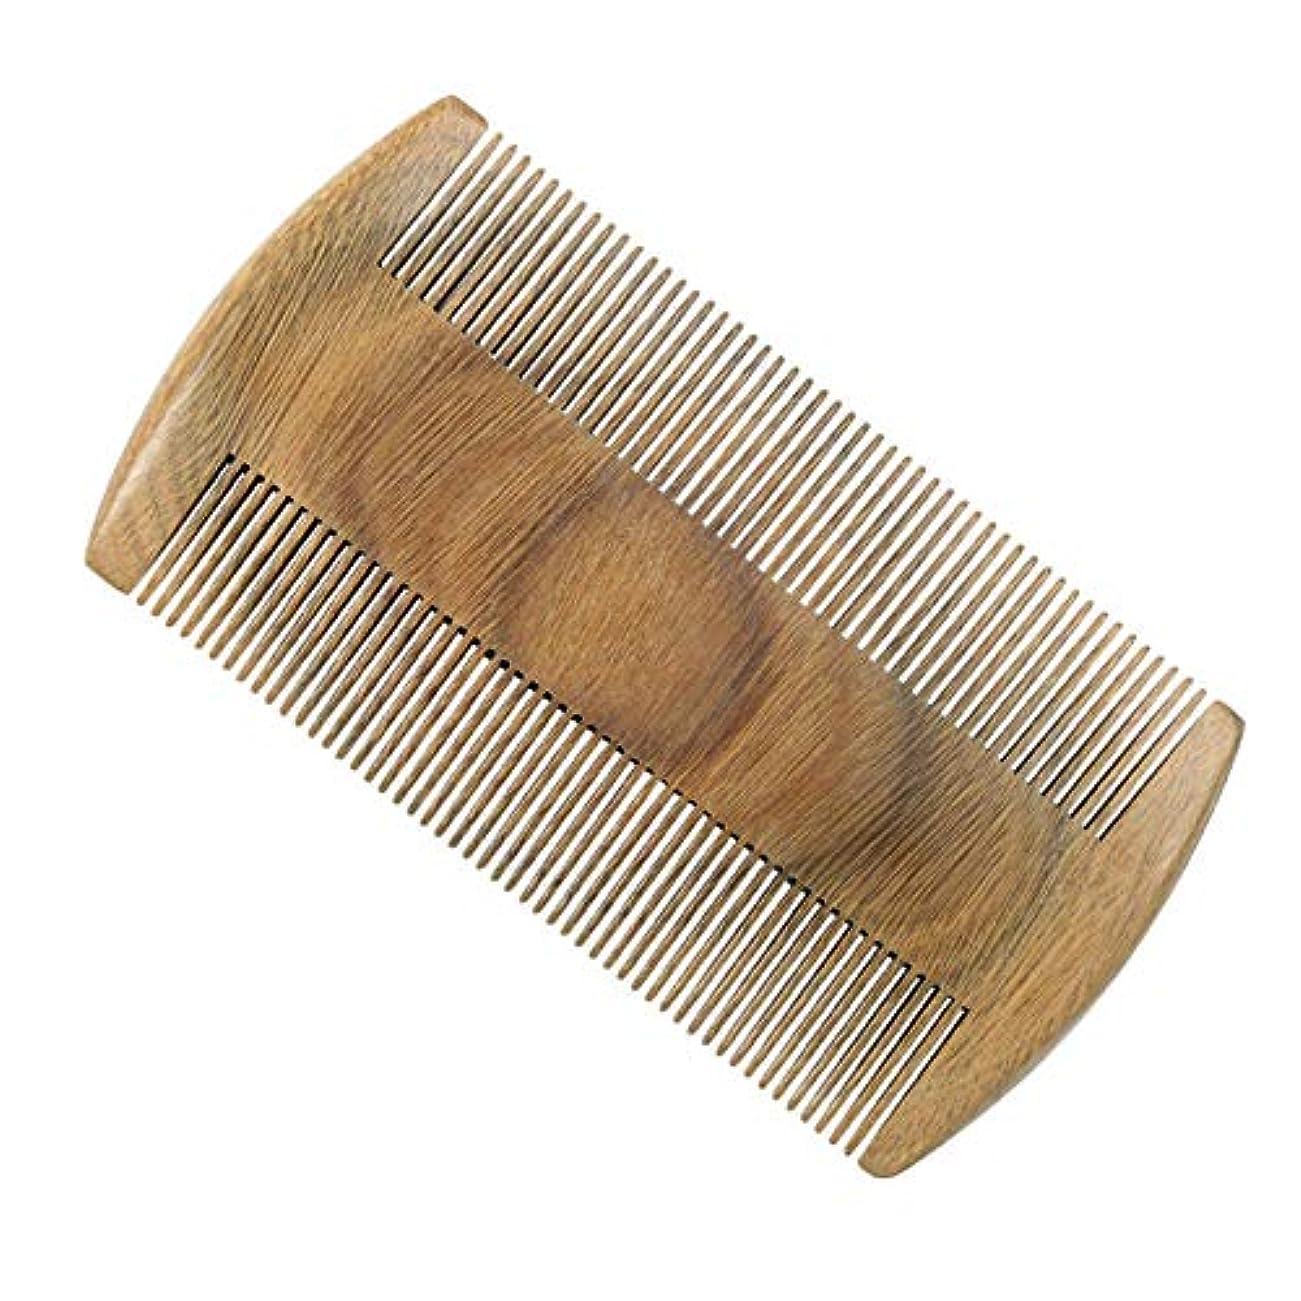 ポテト着替える暴力的なALIVEON 高級木製櫛 ヘアブラシ つげ櫛 頭皮マッサージ 天然緑檀 ヘアコーム 静電気防止 男女兼用